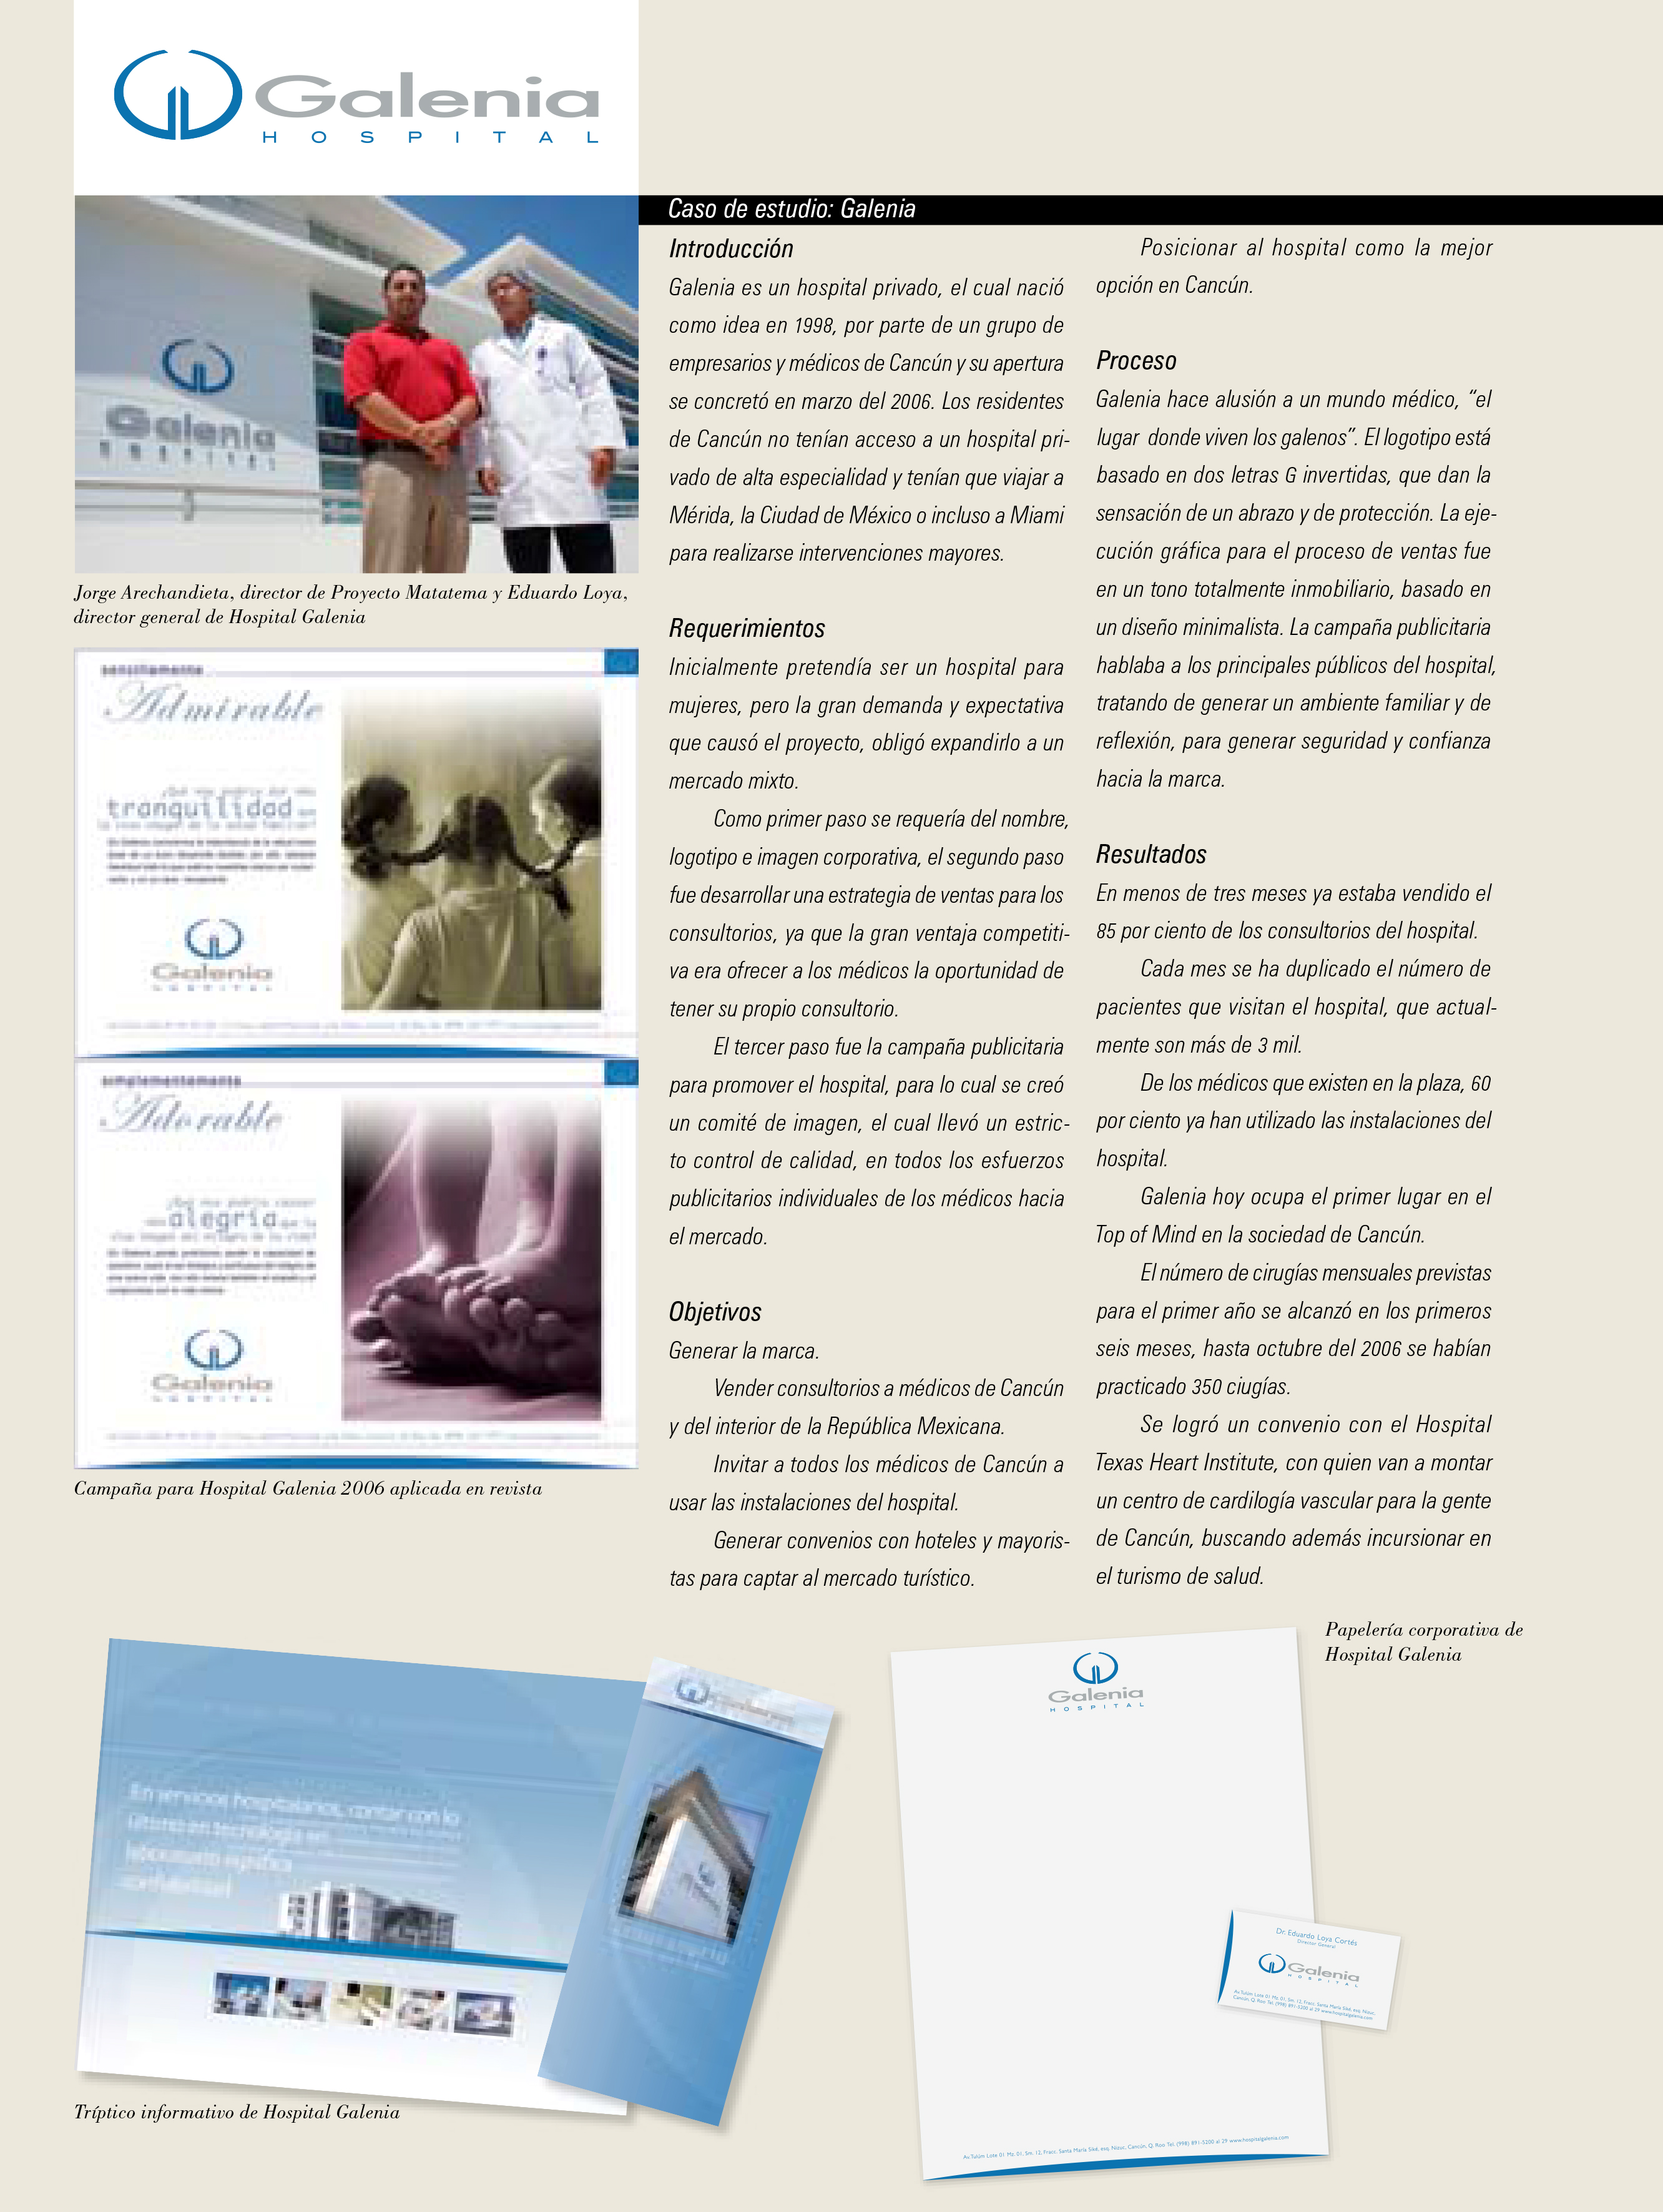 a! Diseño entrevista a Jorge Arechandieta 7